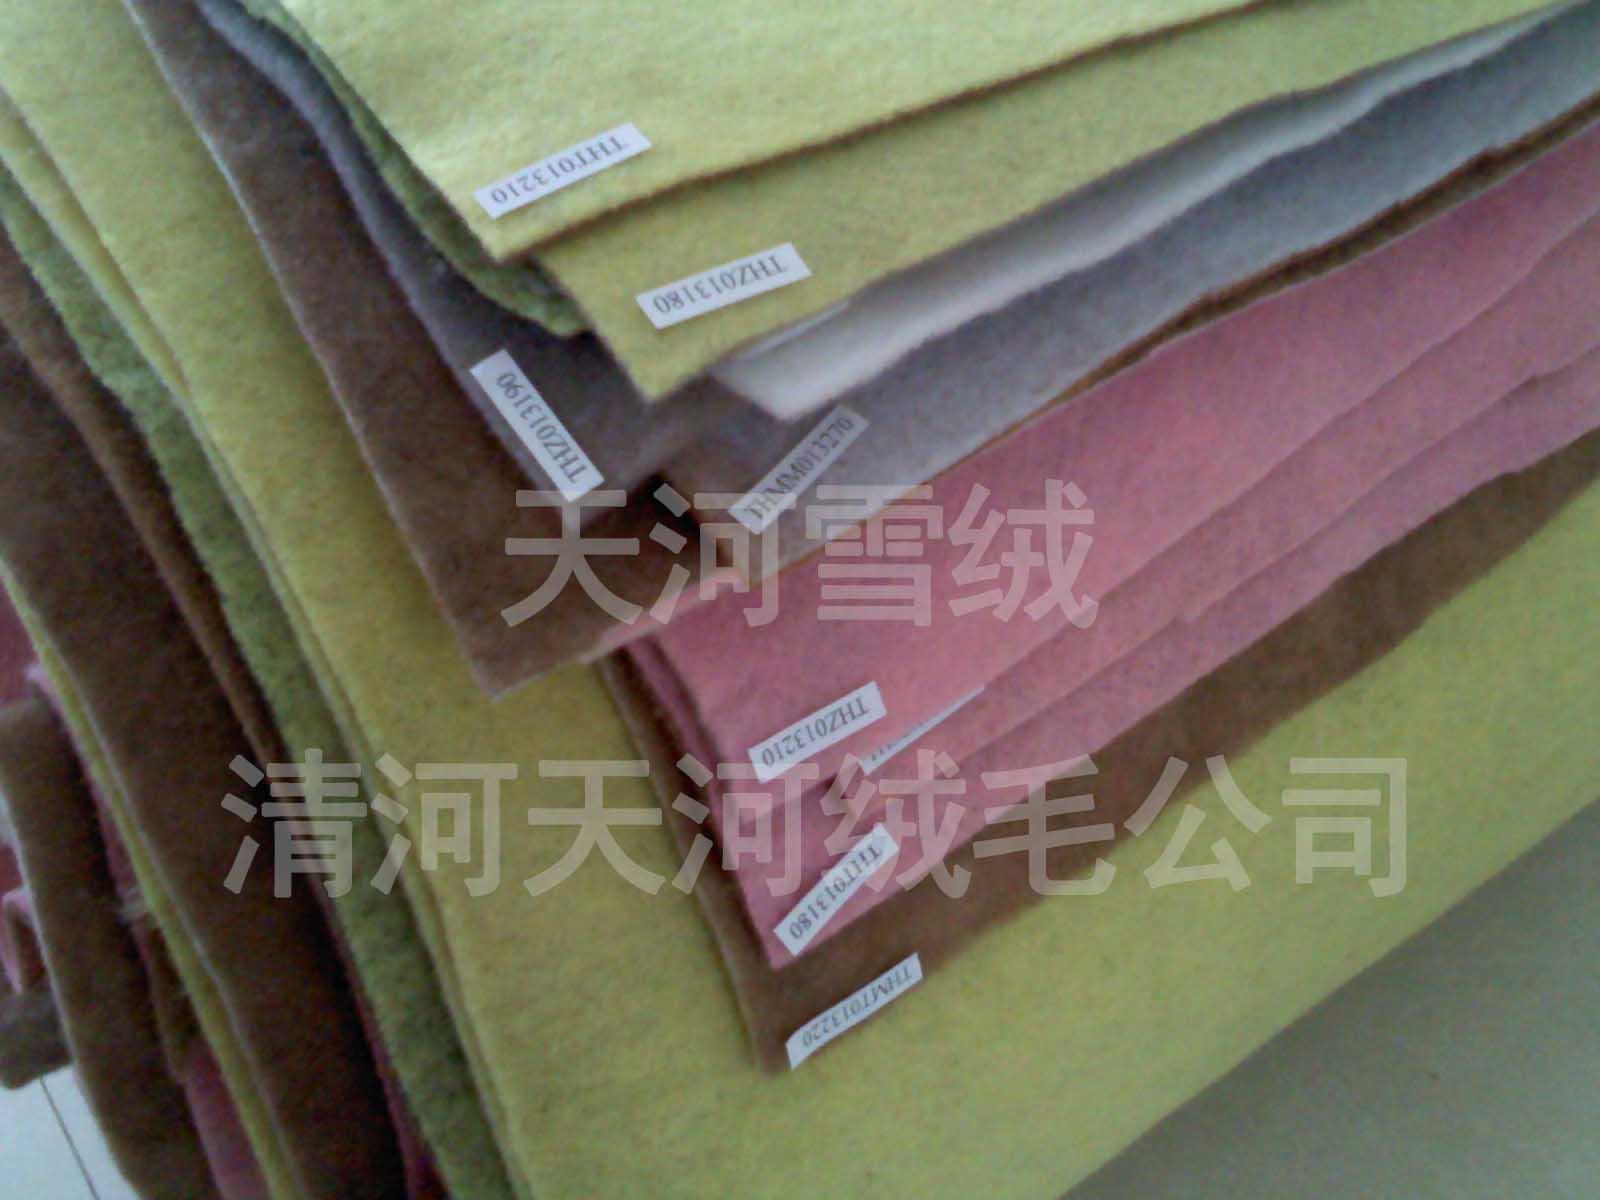 邢台便宜的混合绒羊毛絮片供应,厂家供应羊毛絮片